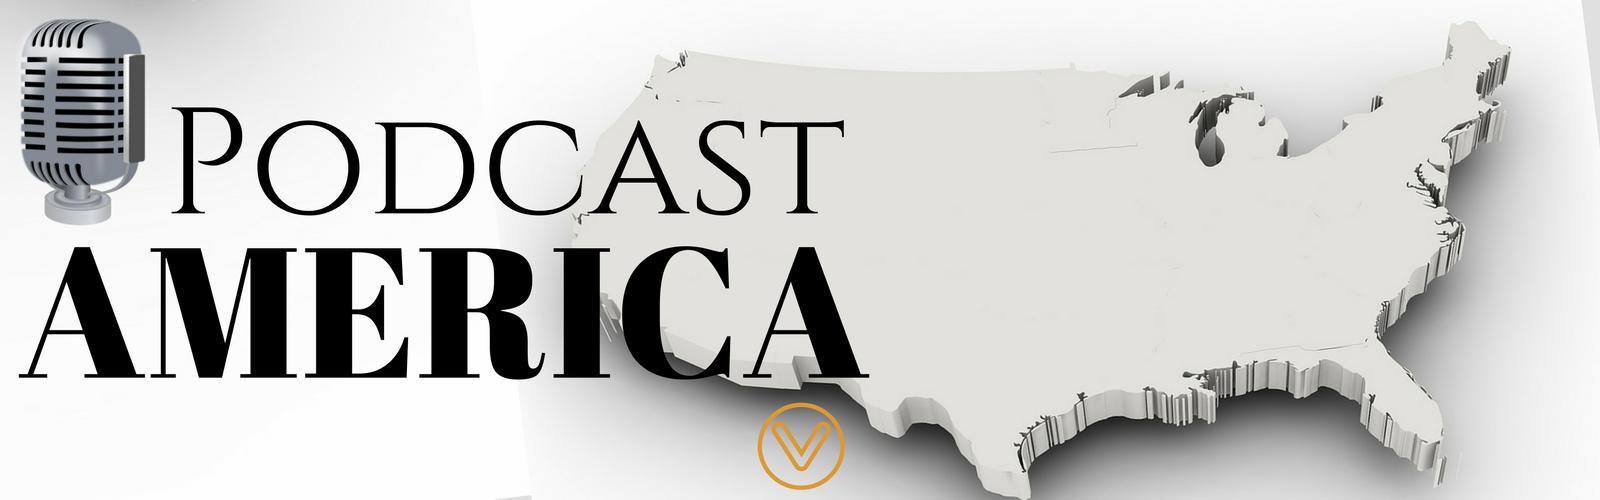 Podcast America